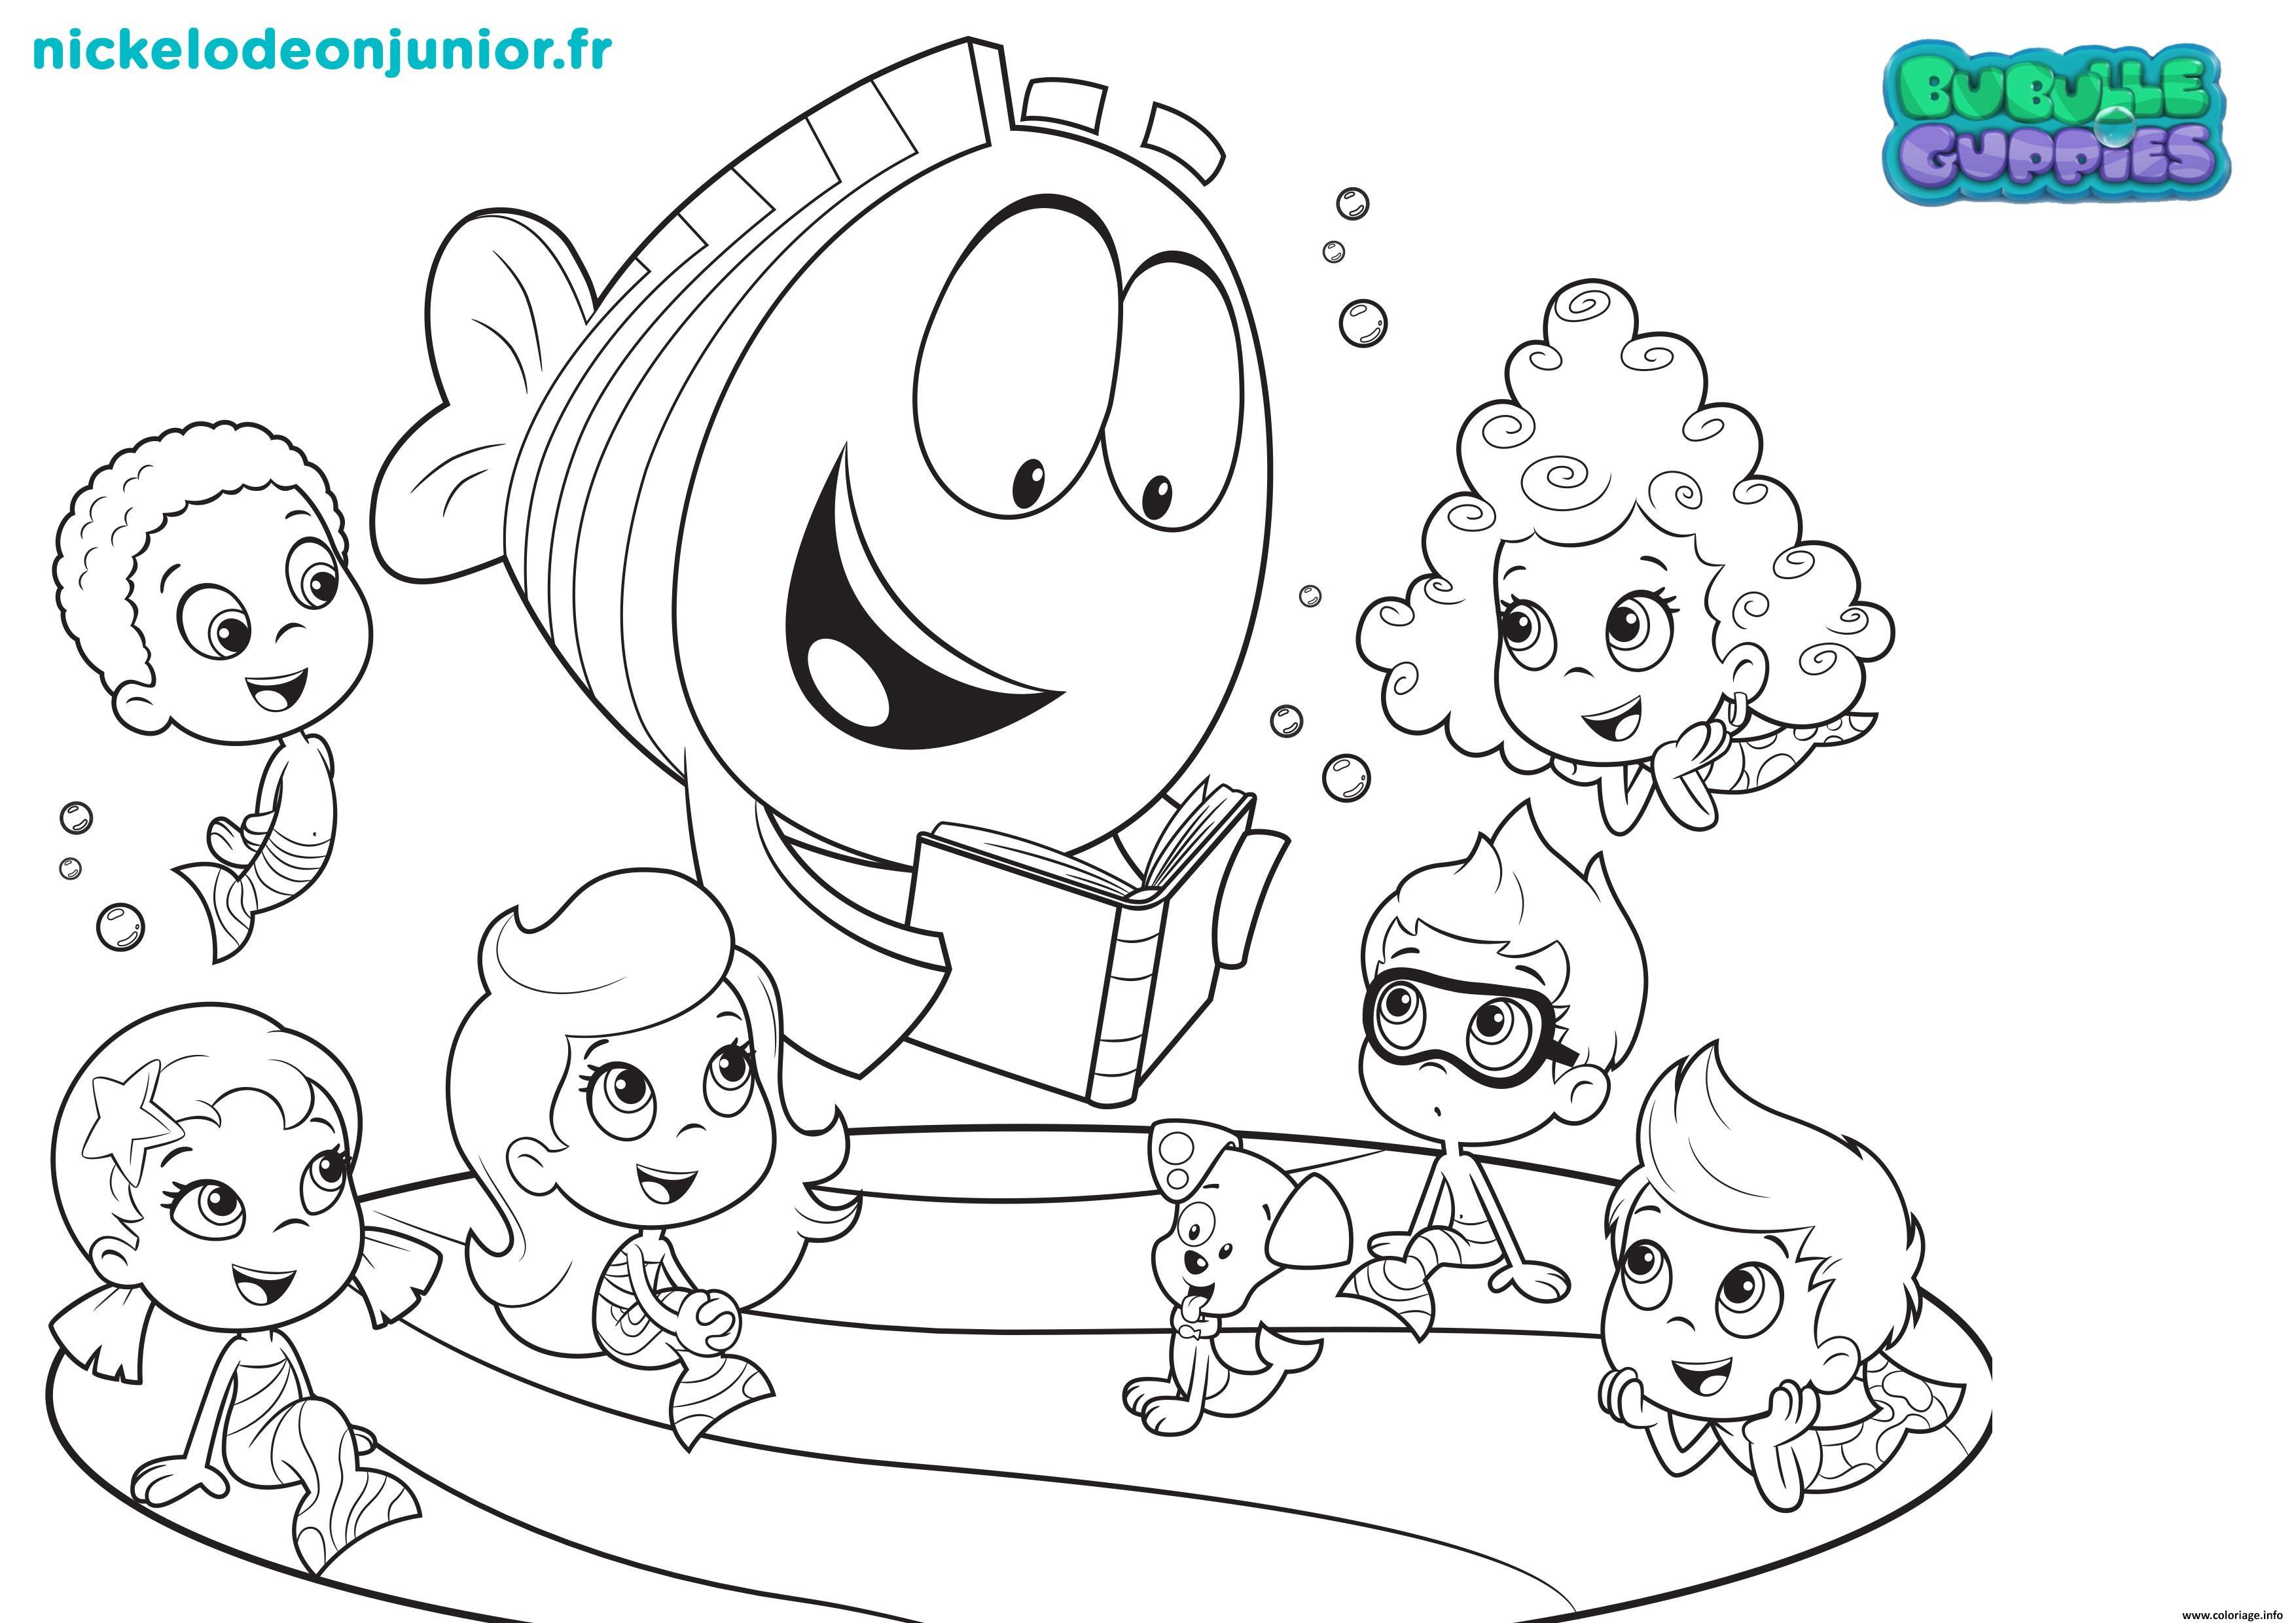 Coloriage bubulle guppies raconte une histoire dessin - Jeux de nick junior ...